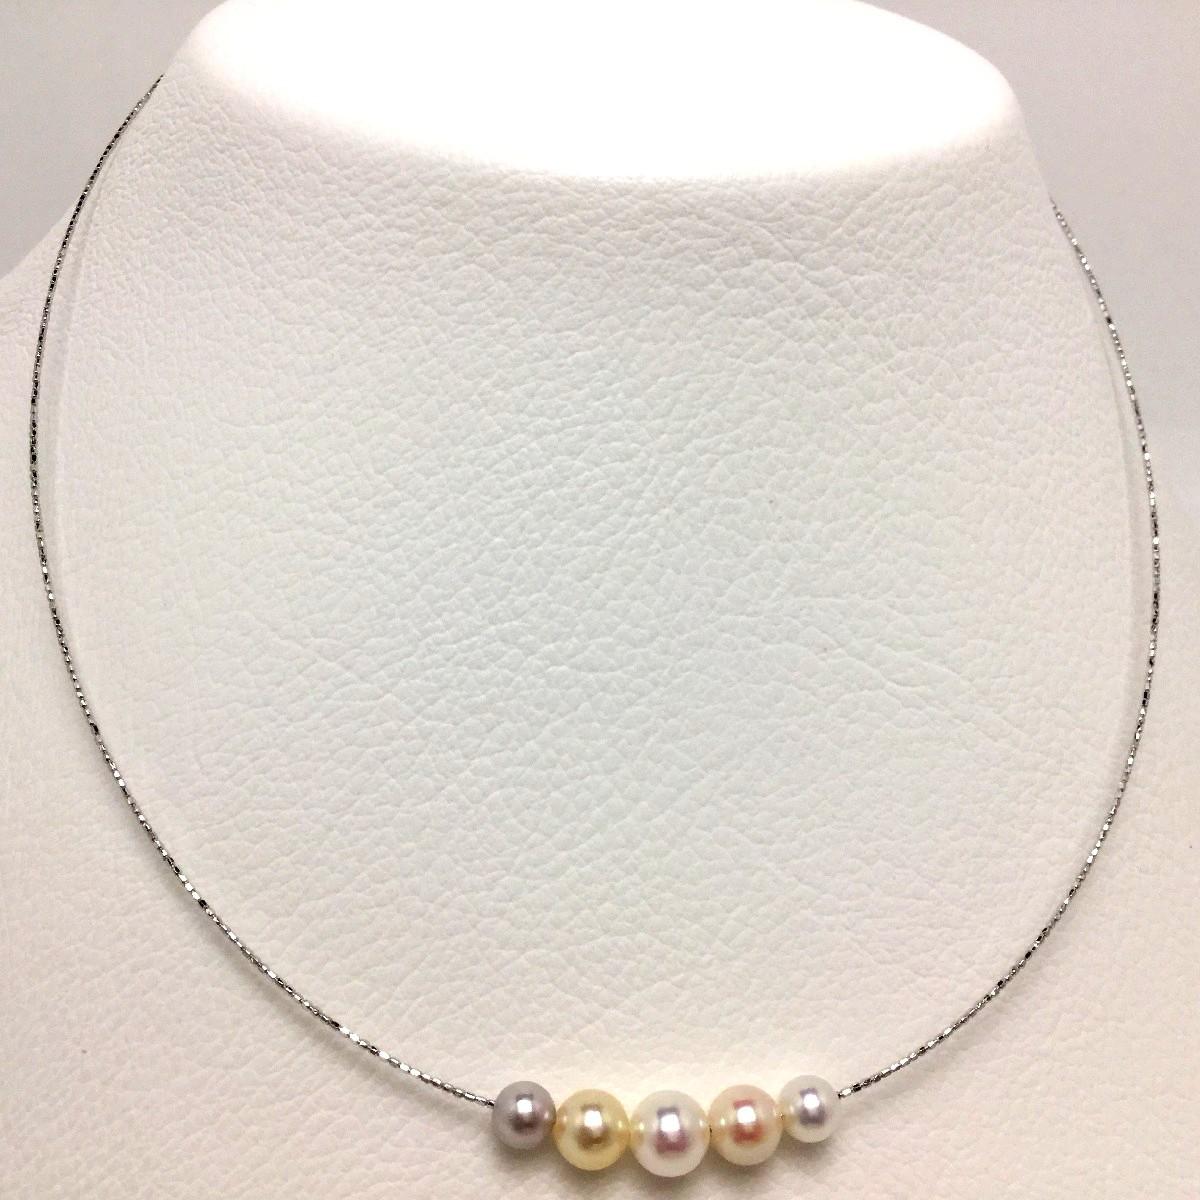 真珠 ペンダント パール アコヤ真珠 5.4-6.8mm マルチカラー シルバー オメガタイプスライド付きチェーン 66018 イソワパール